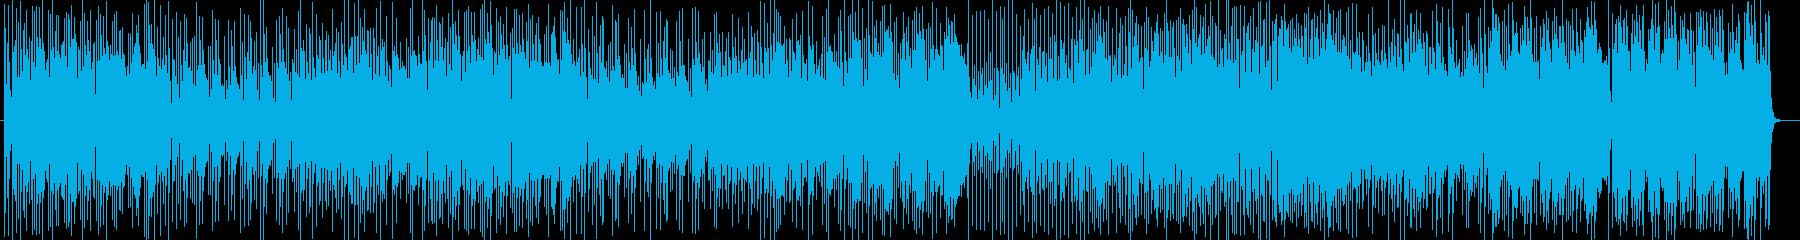 明るいポップなラテン調の曲の再生済みの波形